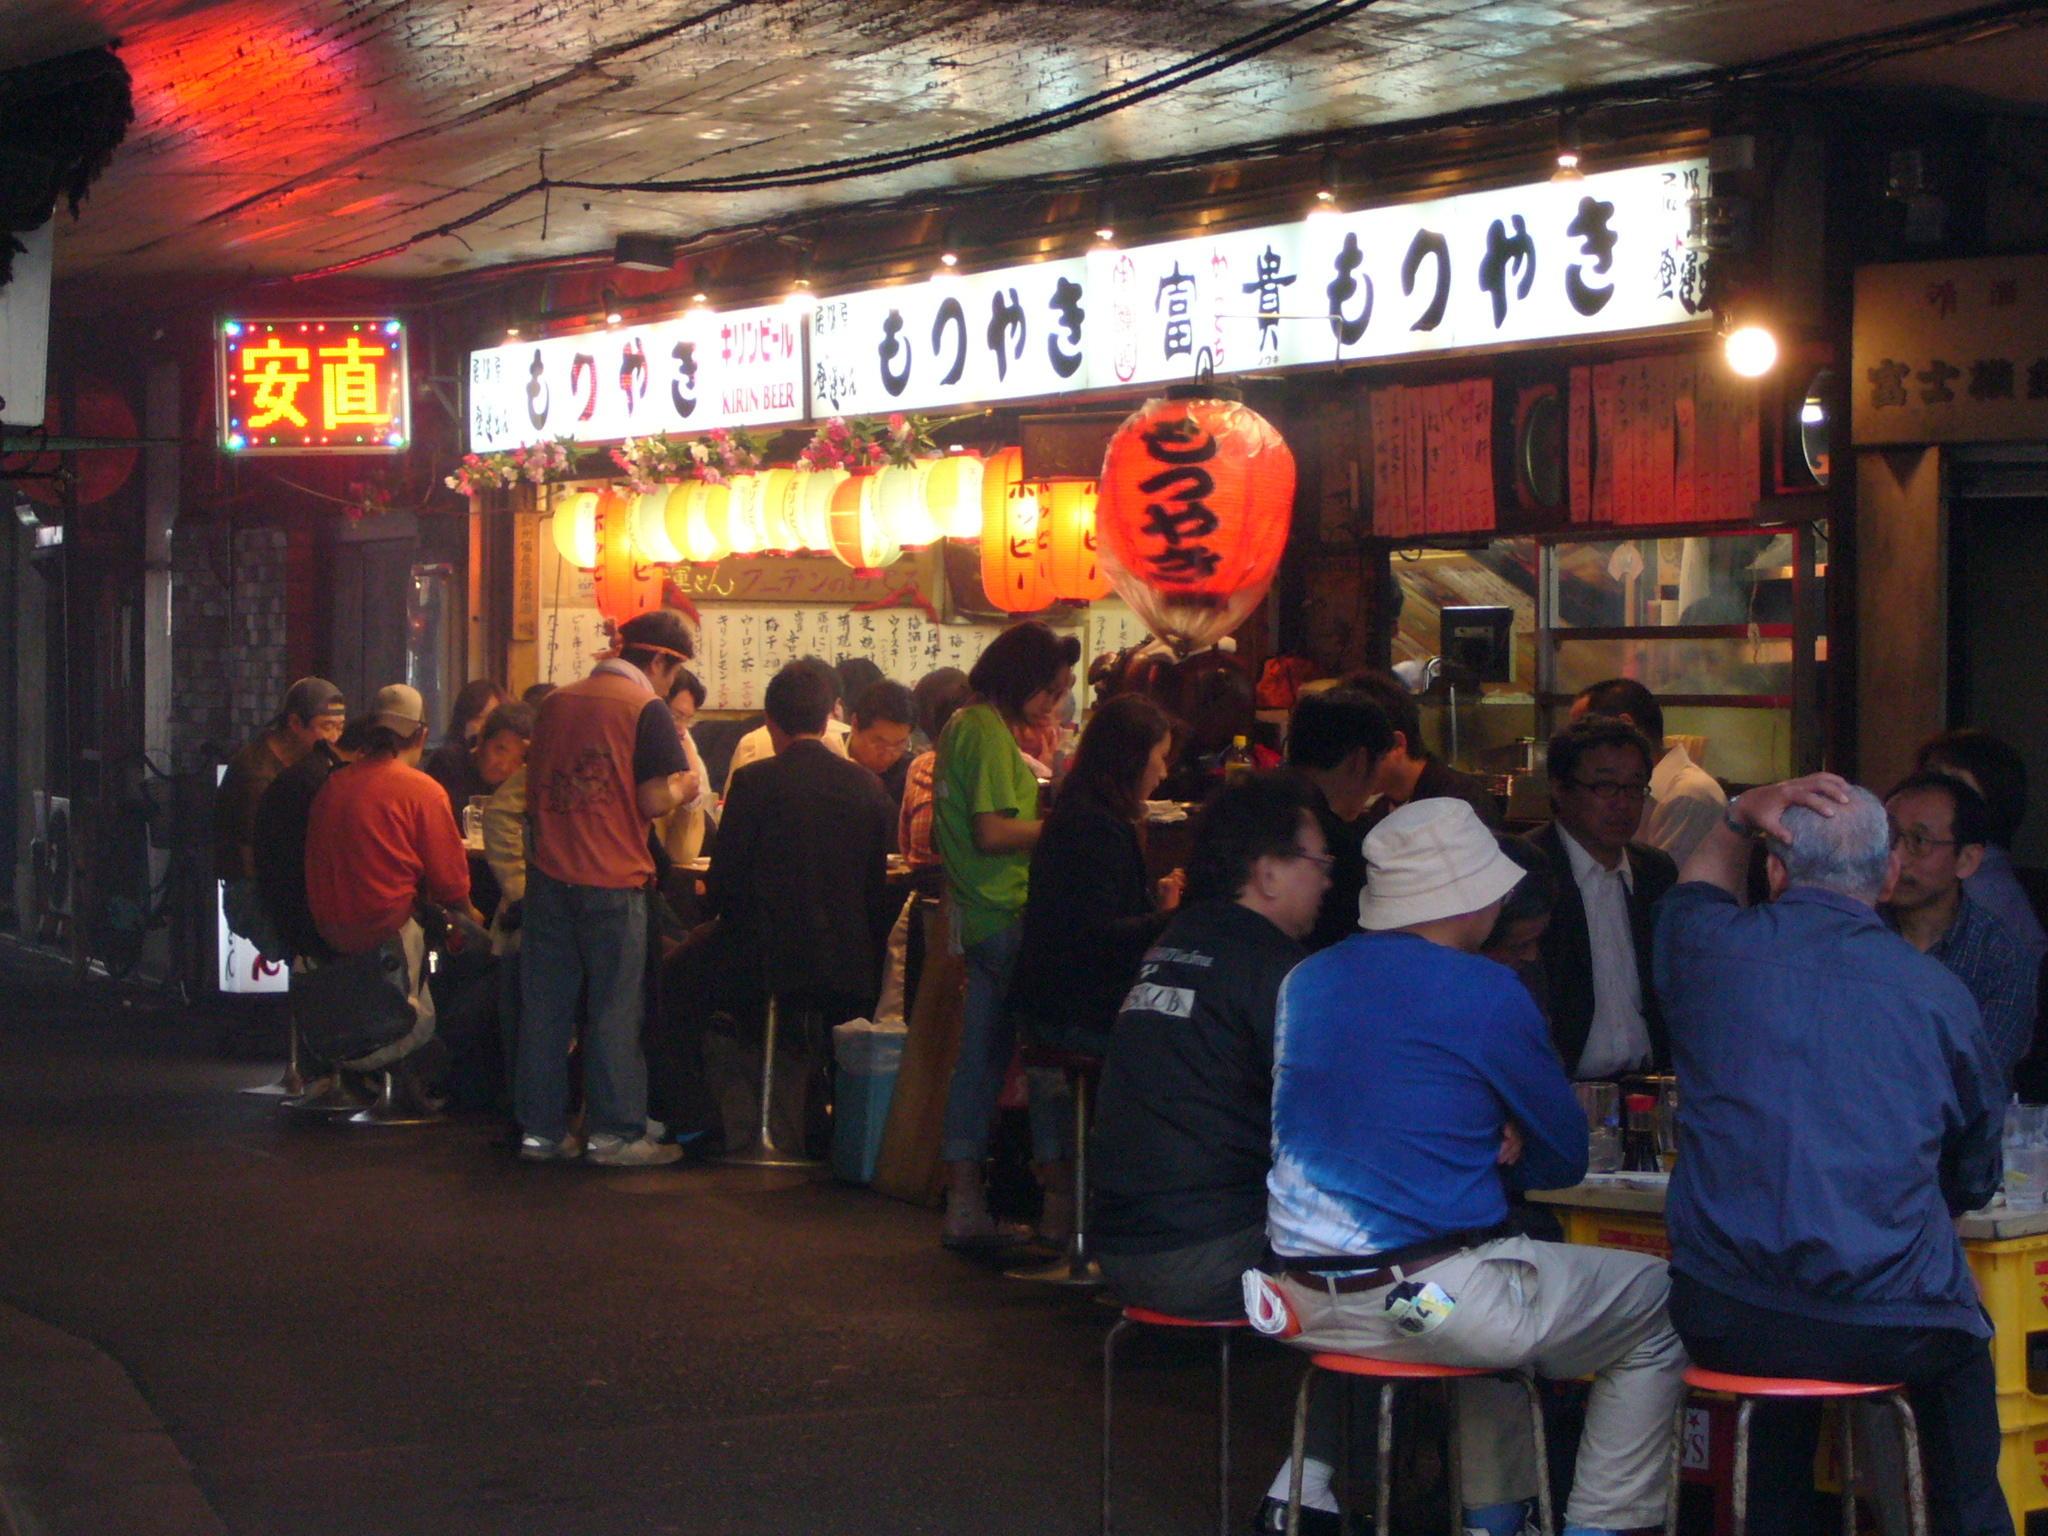 東京・新橋でおすすめのおやじ居酒屋をまとめ!懐かしくも新境地♪